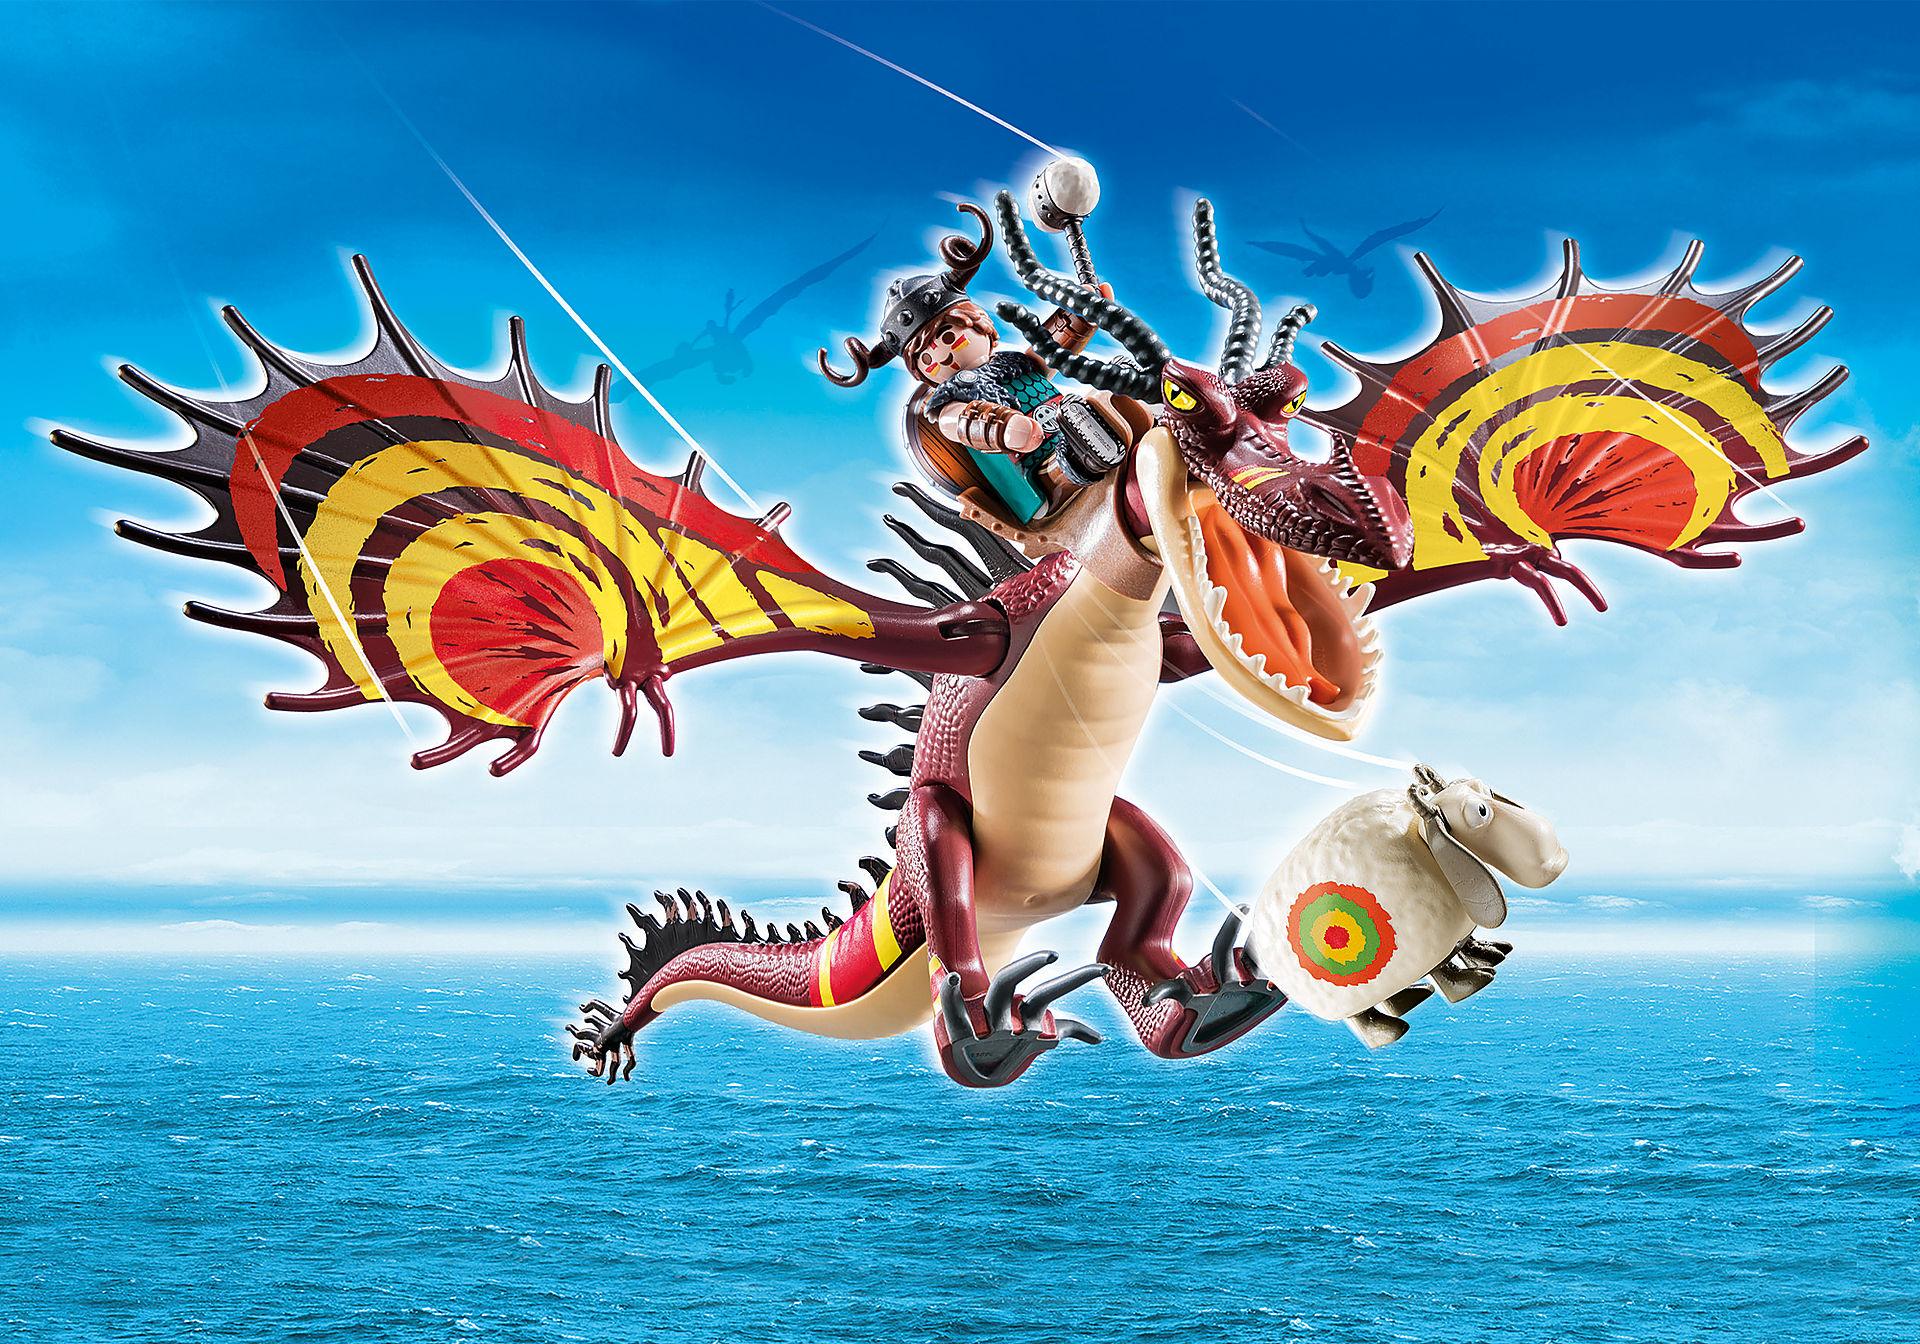 70731 Dragon Racing: Snotlout and Hookfang zoom image1